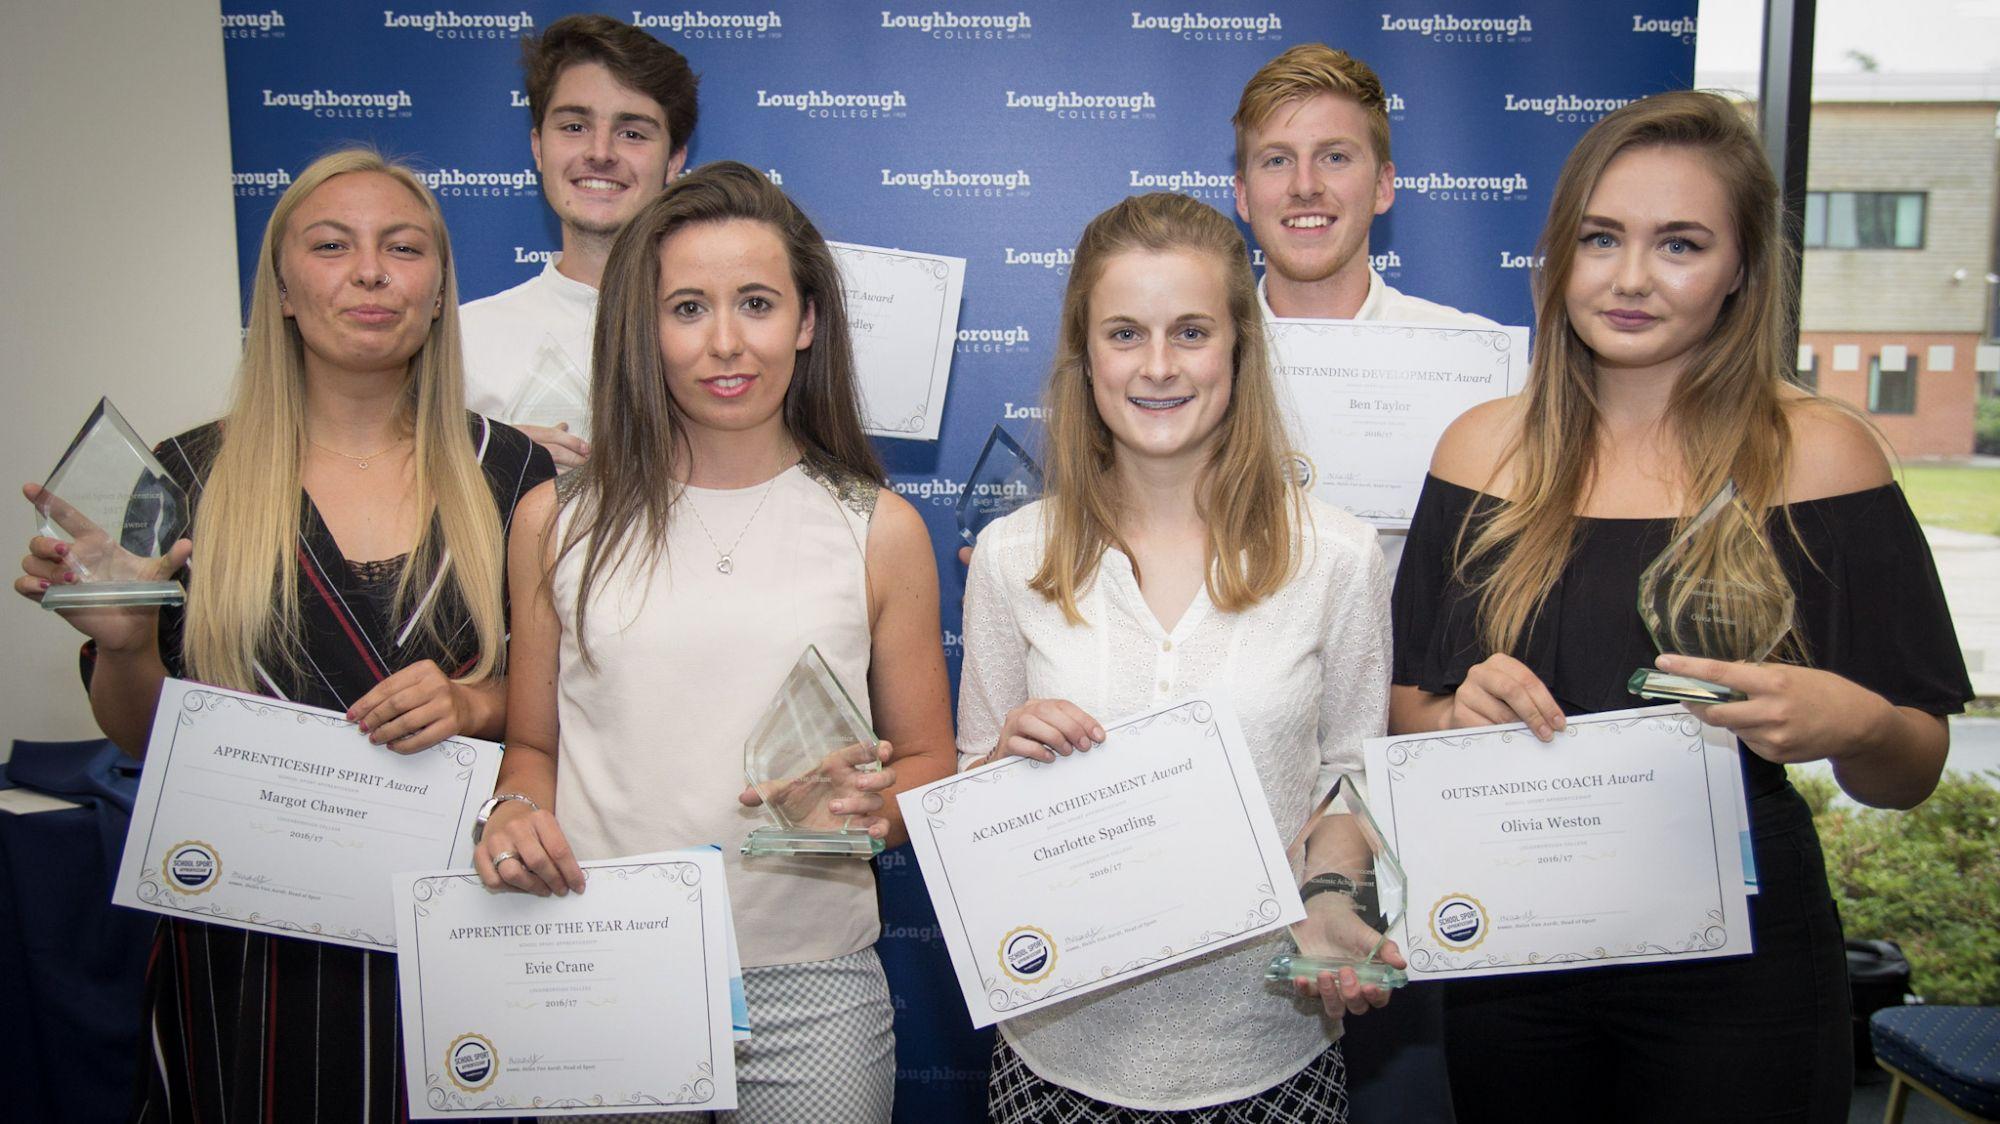 Loughborough College Apprenticeships